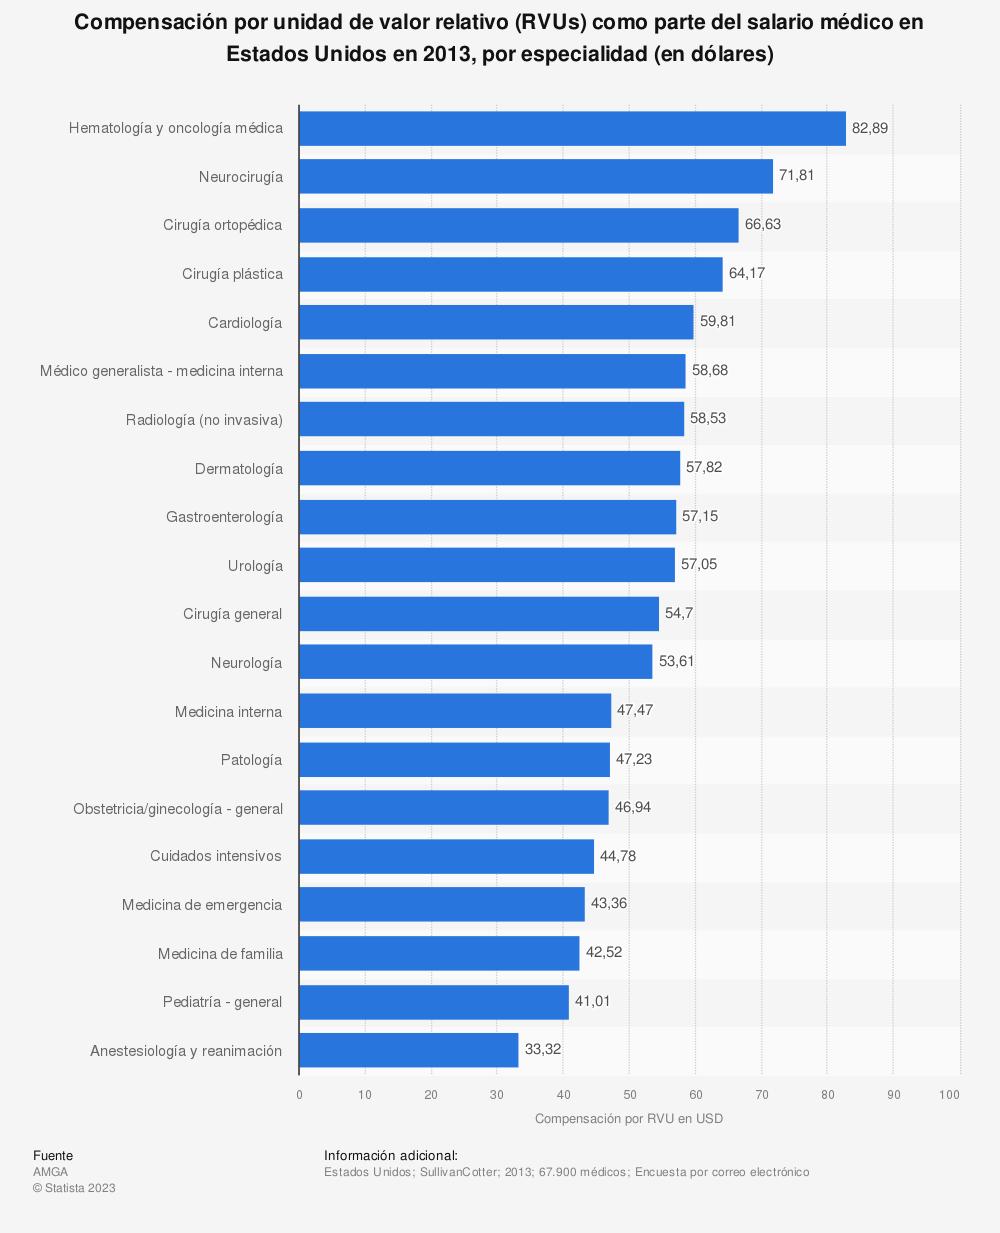 Estadística: Compensación por unidad de valor relativo (RVUs) como parte del salario médico en Estados Unidos en 2013, por especialidad (en dólares) | Statista